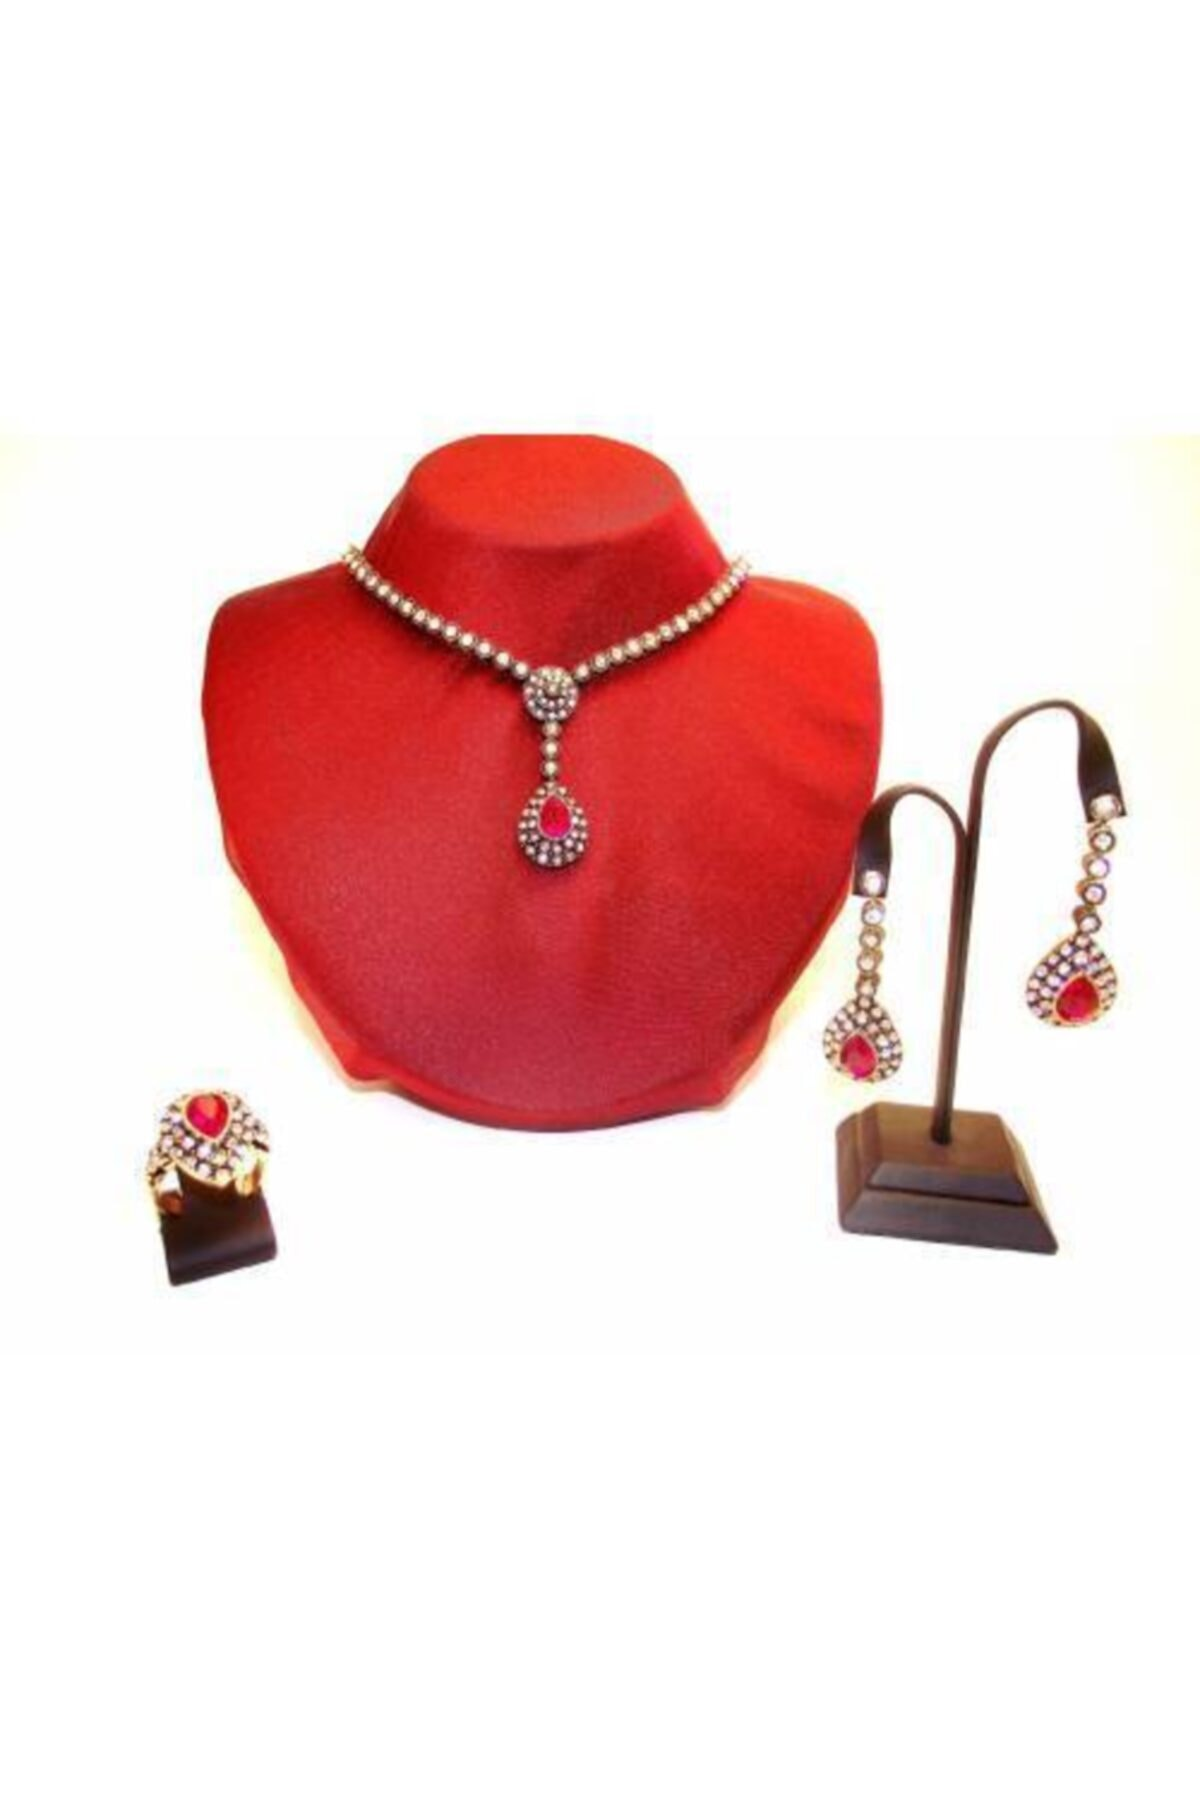 مجوهرات الأزياء النسائية الإناث رائع القرن الماس قطرة الزمرد الأخضر روبي الأحمر مجموعات